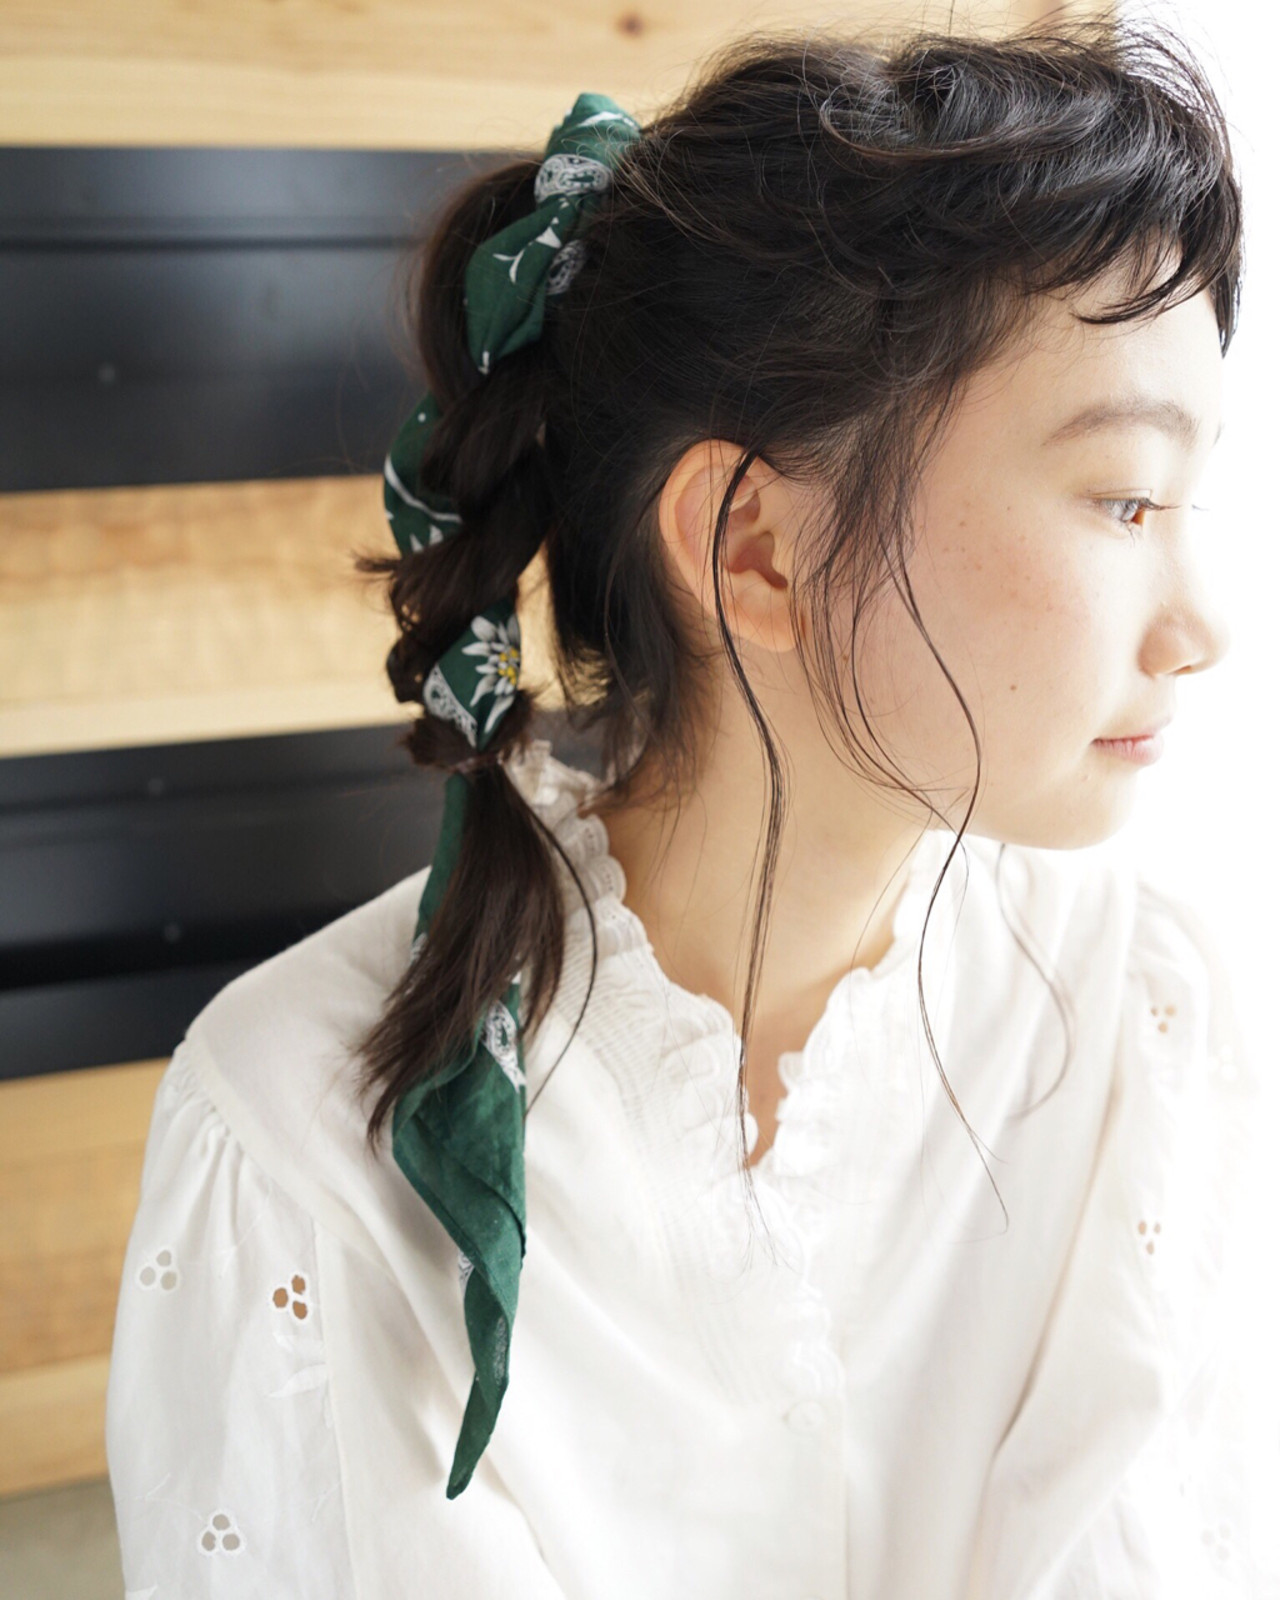 [詳しい方法付き]毎日をオシャレに飾りたい!誰でもできる簡単ヘアアレンジ特集 出典:佐野 正人 / nanuk